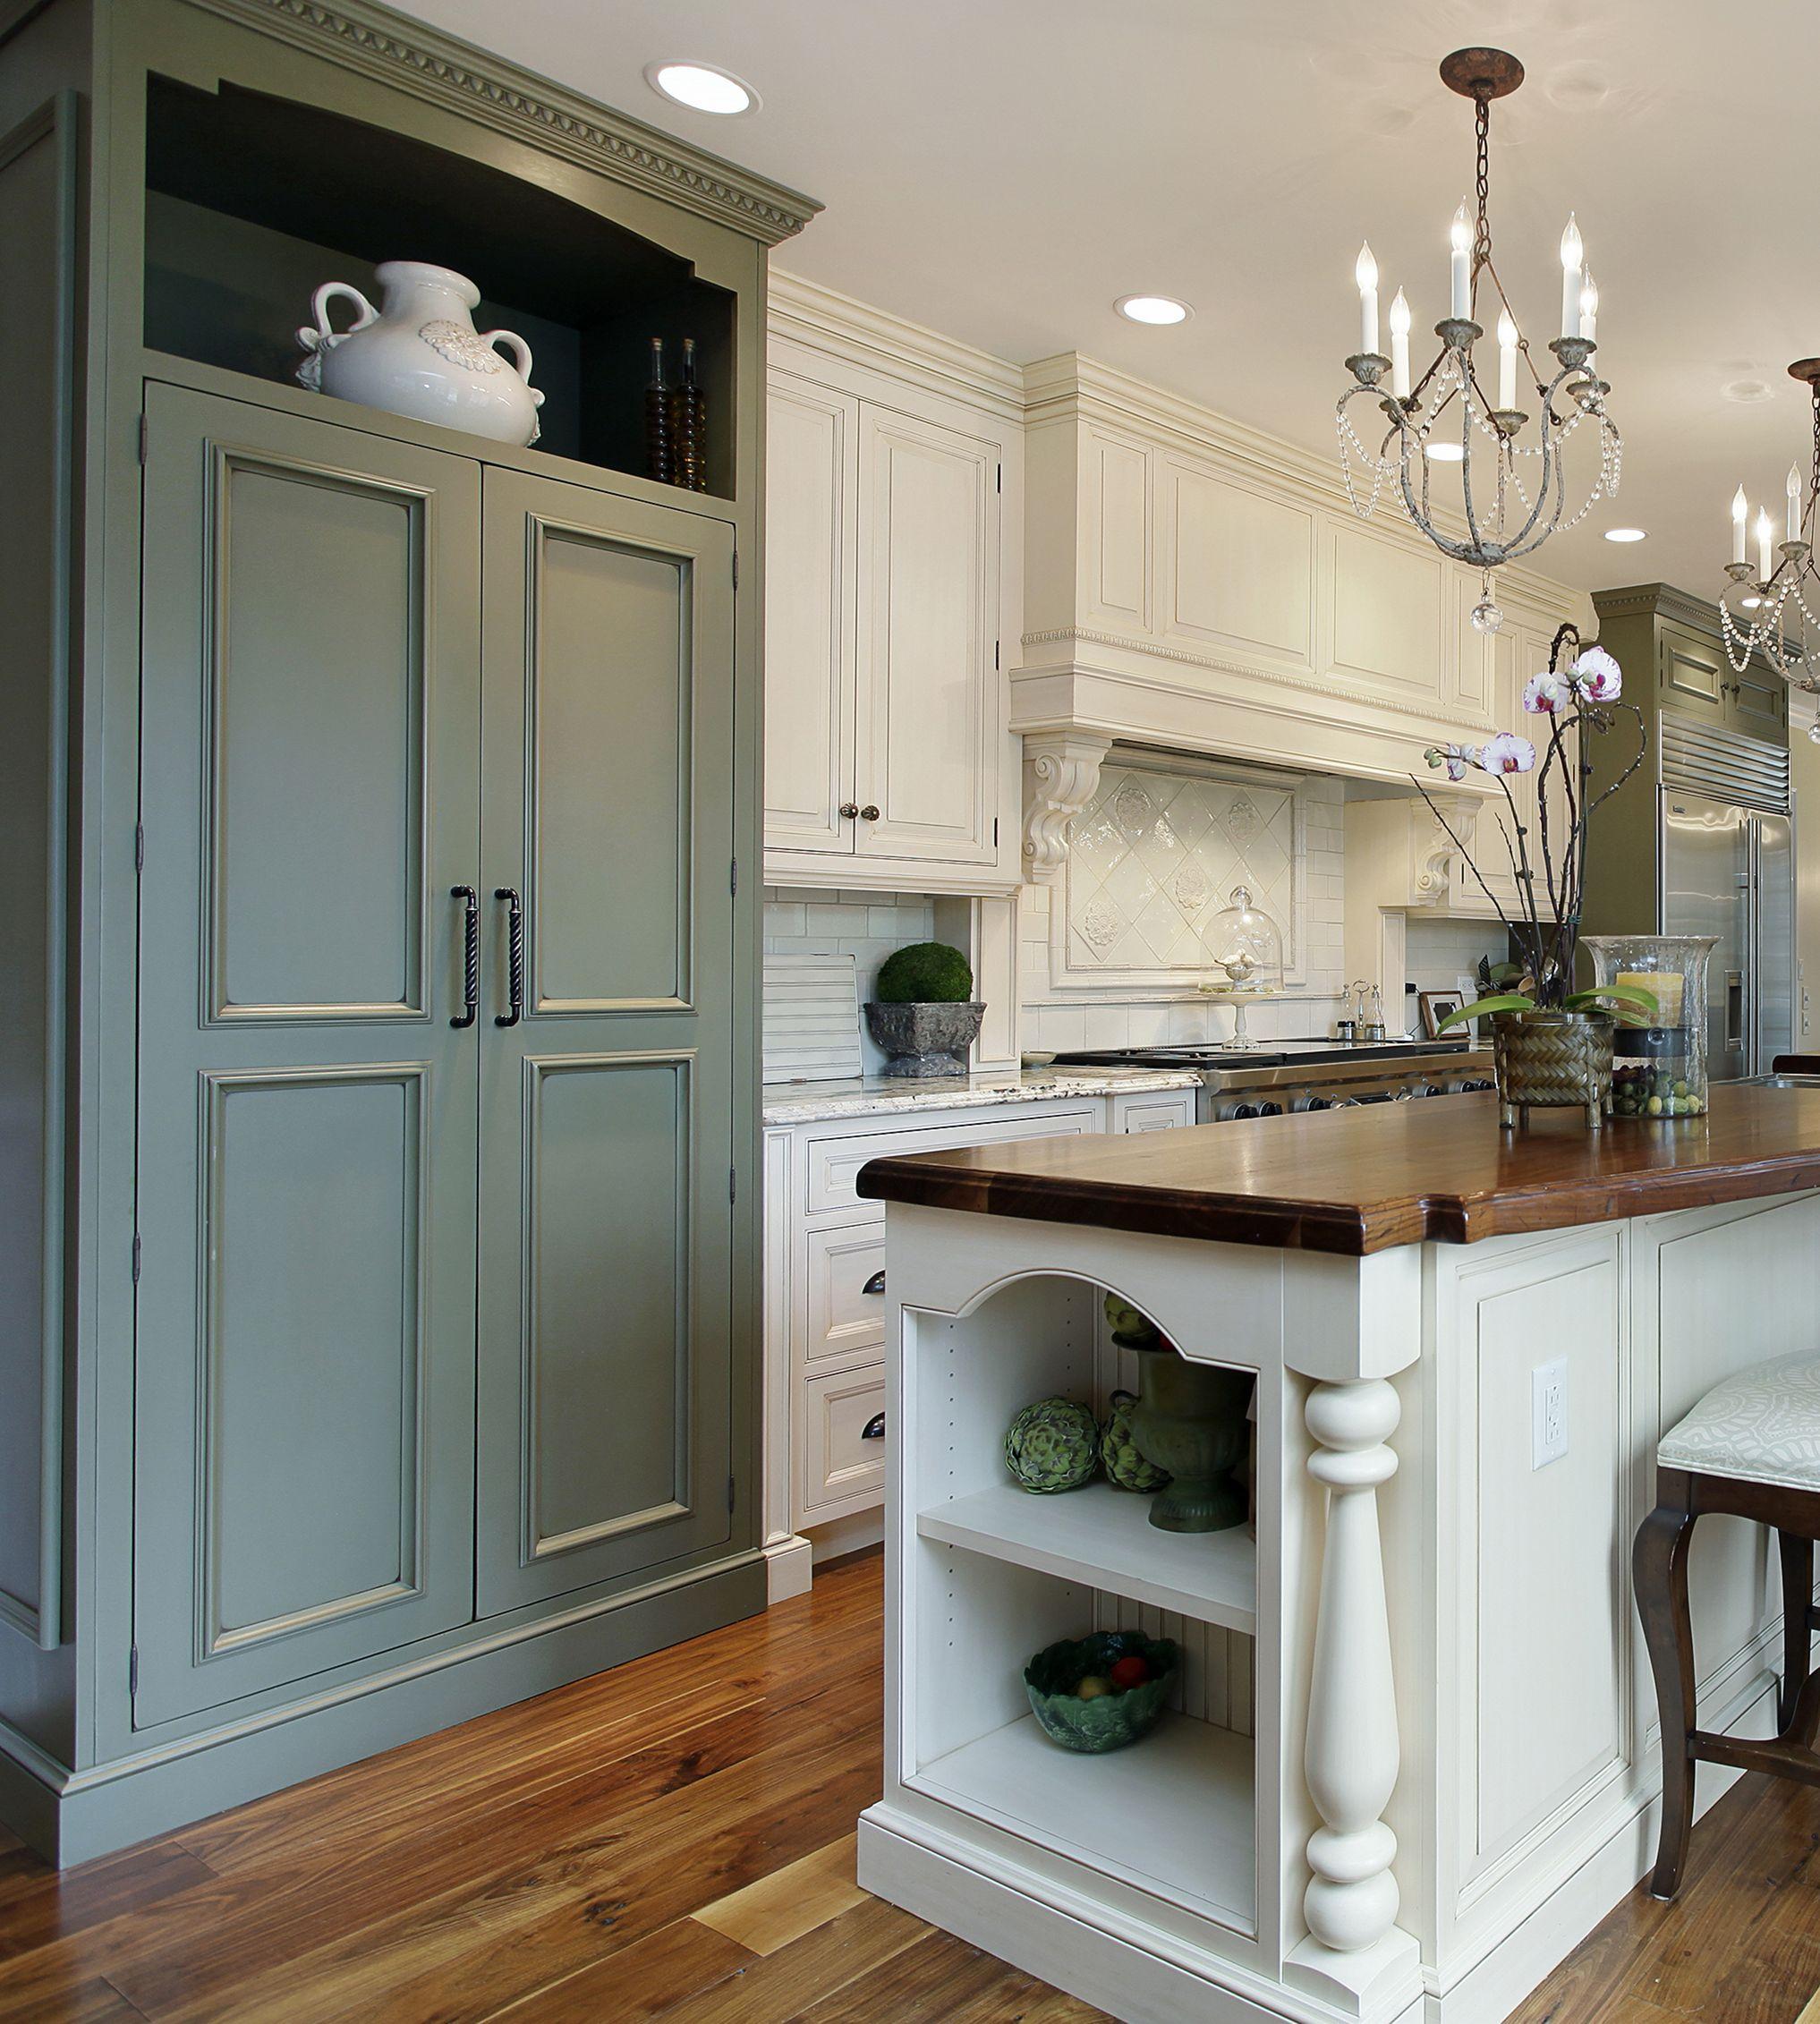 Best Traditional Kitchen Design Ideas 15